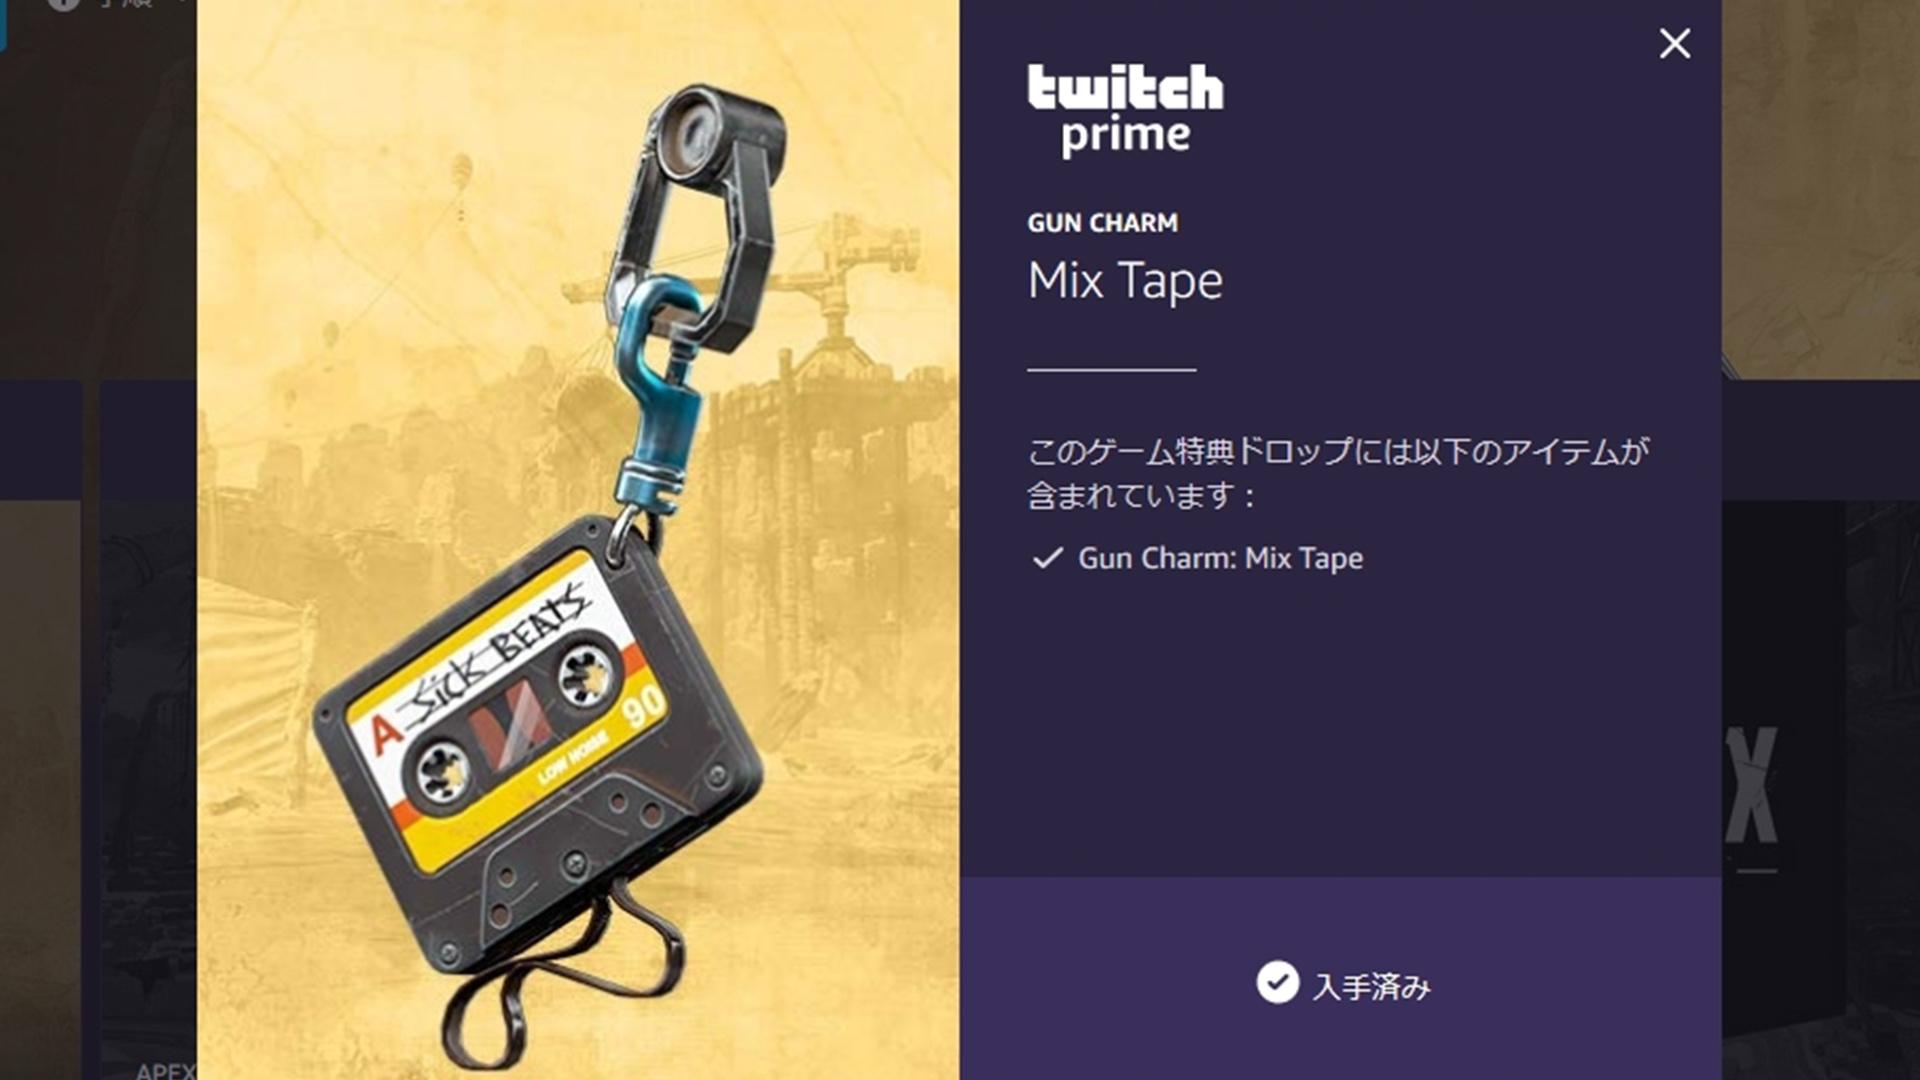 【APEX】Twitchプライム限定の「武器チャーム」が初登場!!ゲーム内での見え方動画あり